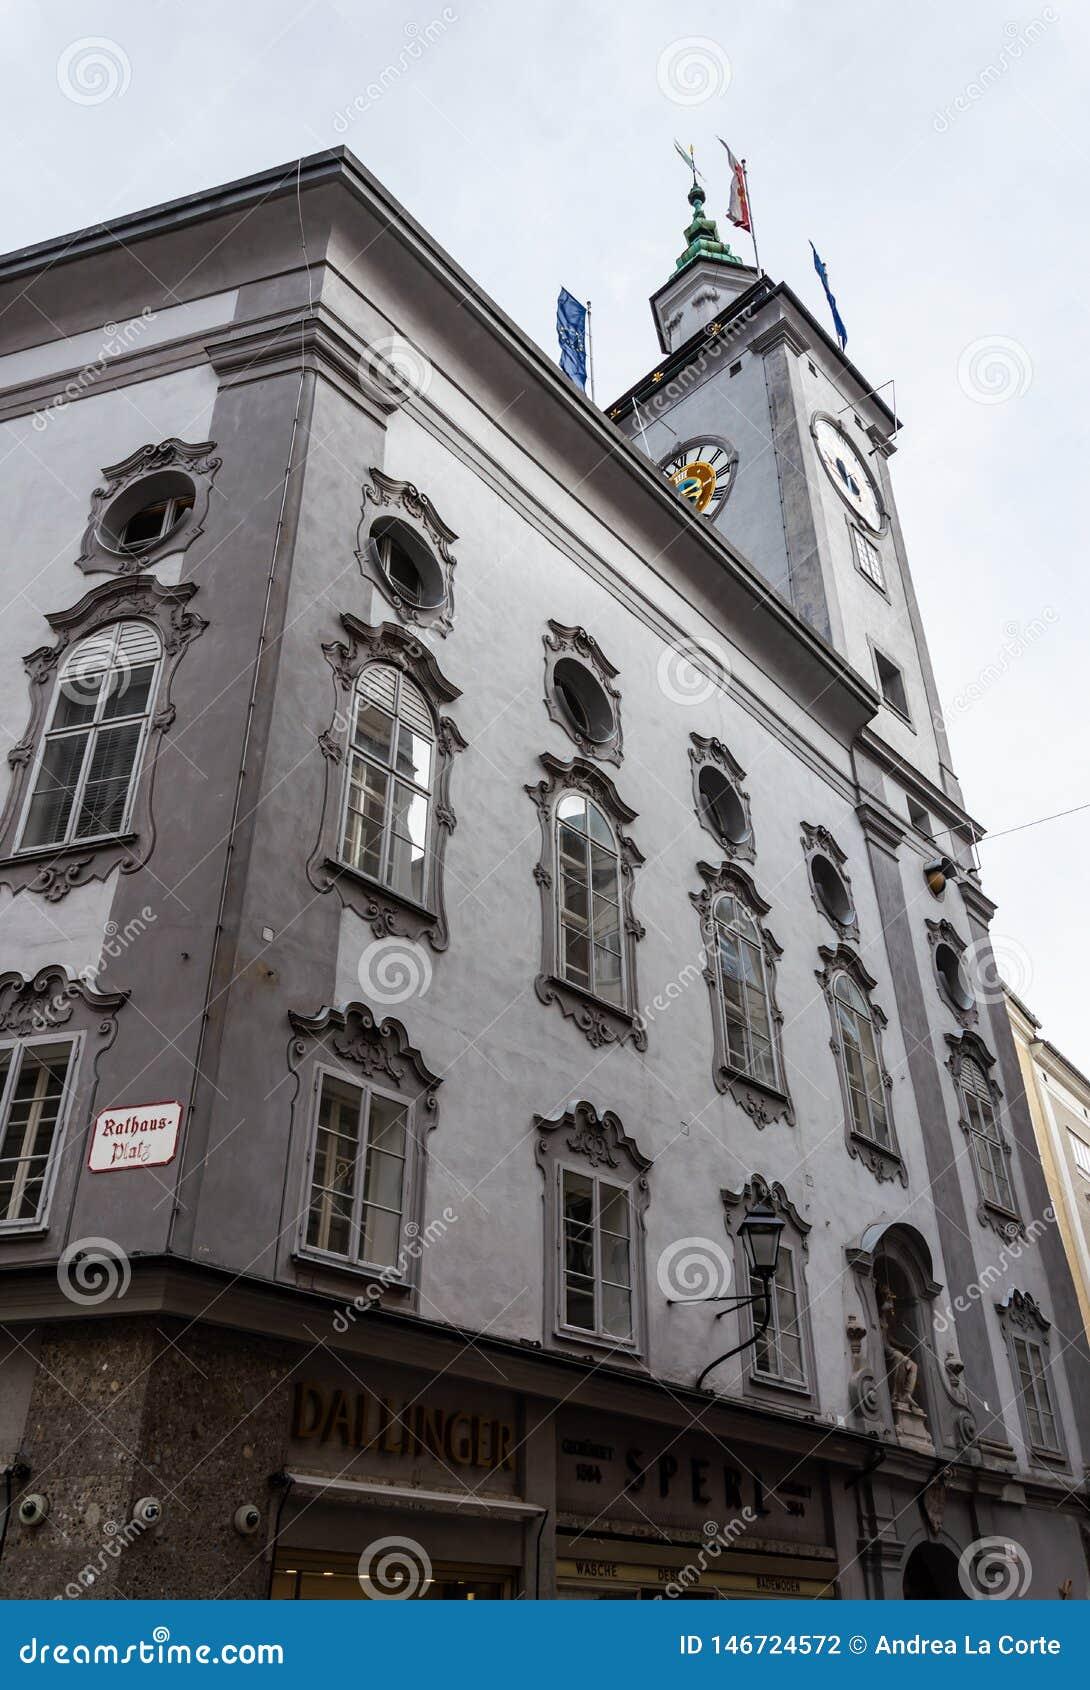 Башня с часами ратуши города Зальцбурга увиденная с улиц Зальцбурга